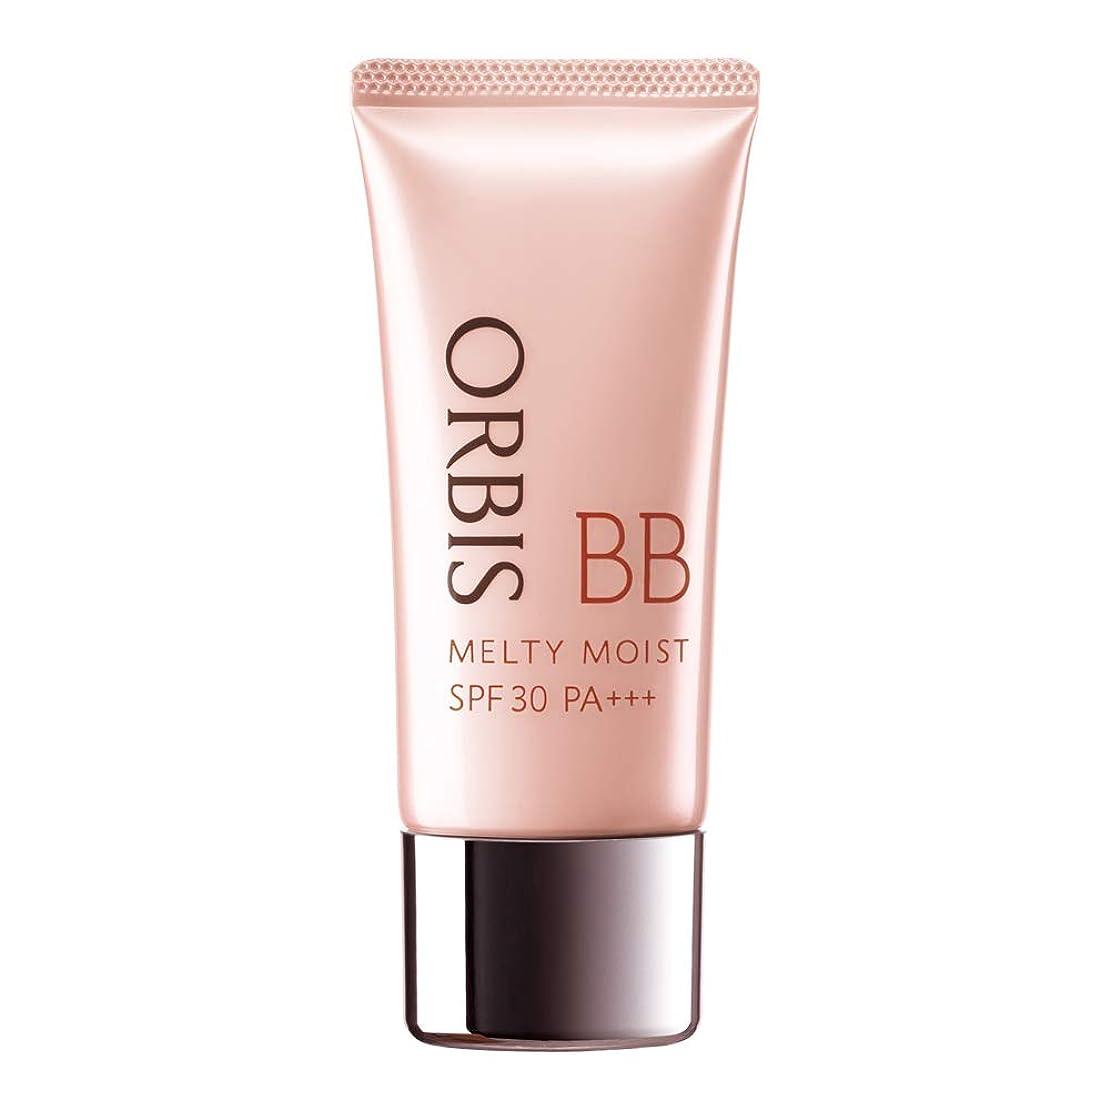 担保どうやら権限オルビス(ORBIS) メルティーモイスト BB ナチュラル 35g ◎BBクリーム◎